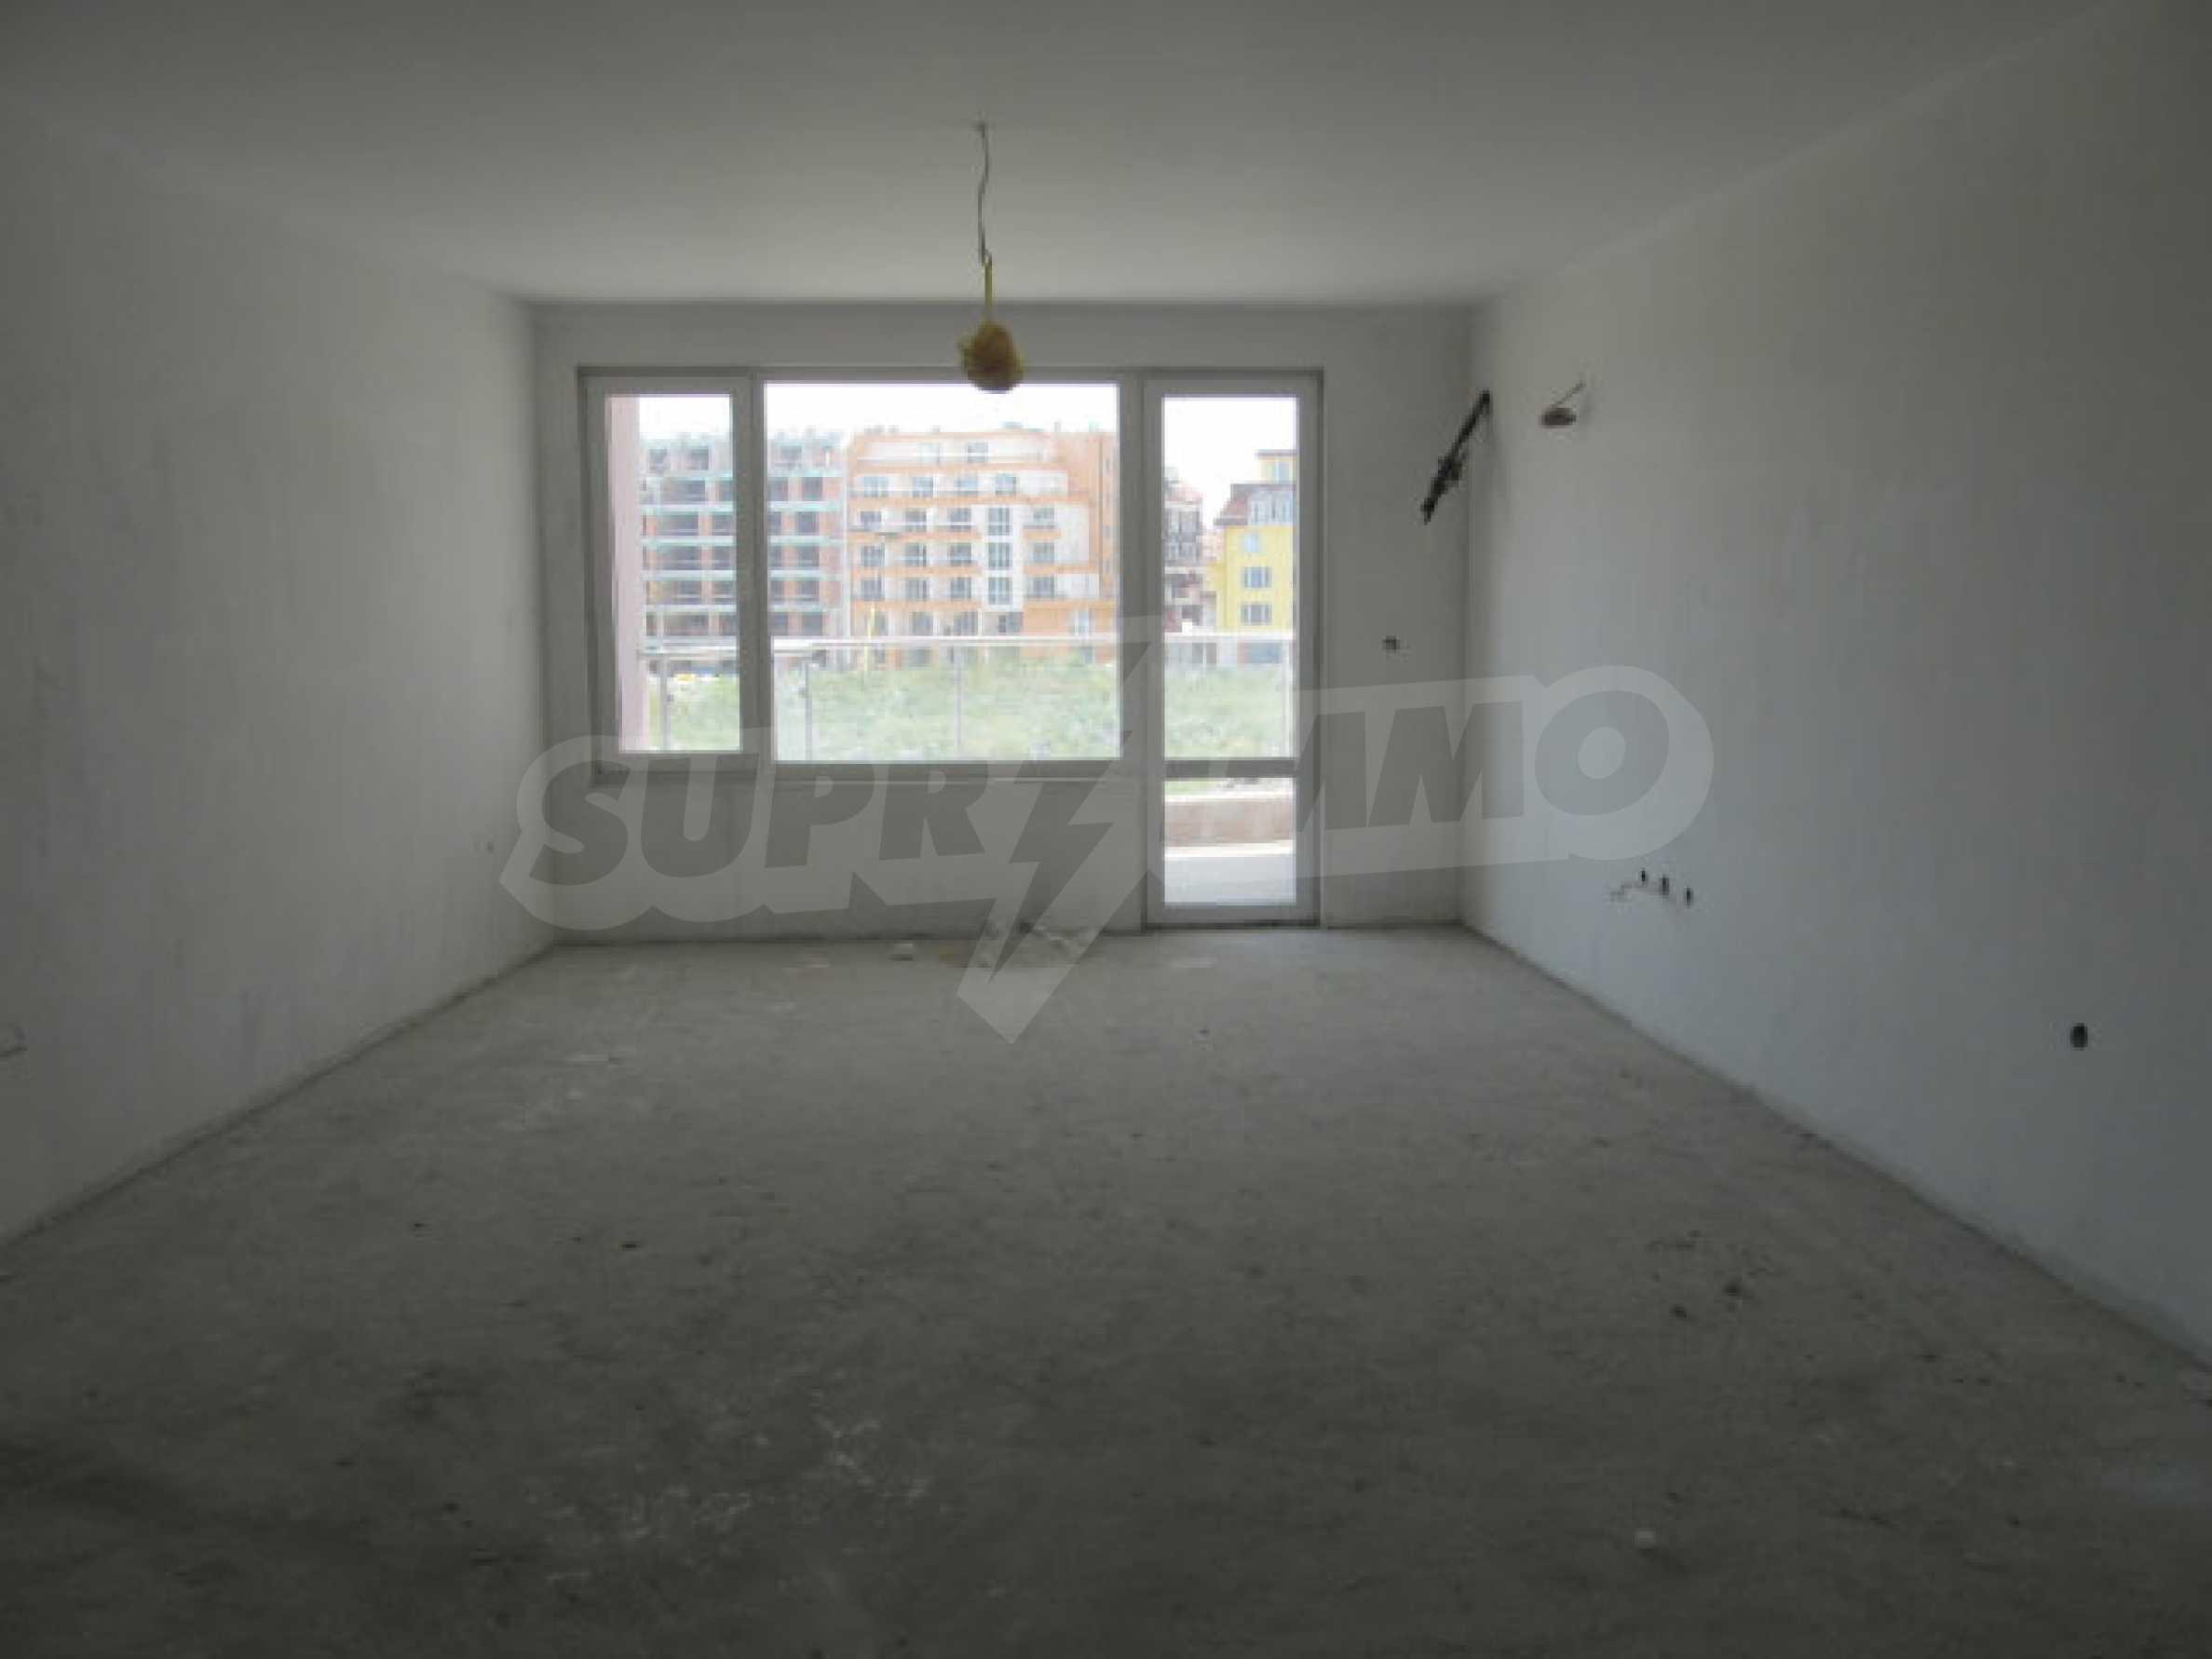 Wohnungen zum Verkauf in Pomorie 11